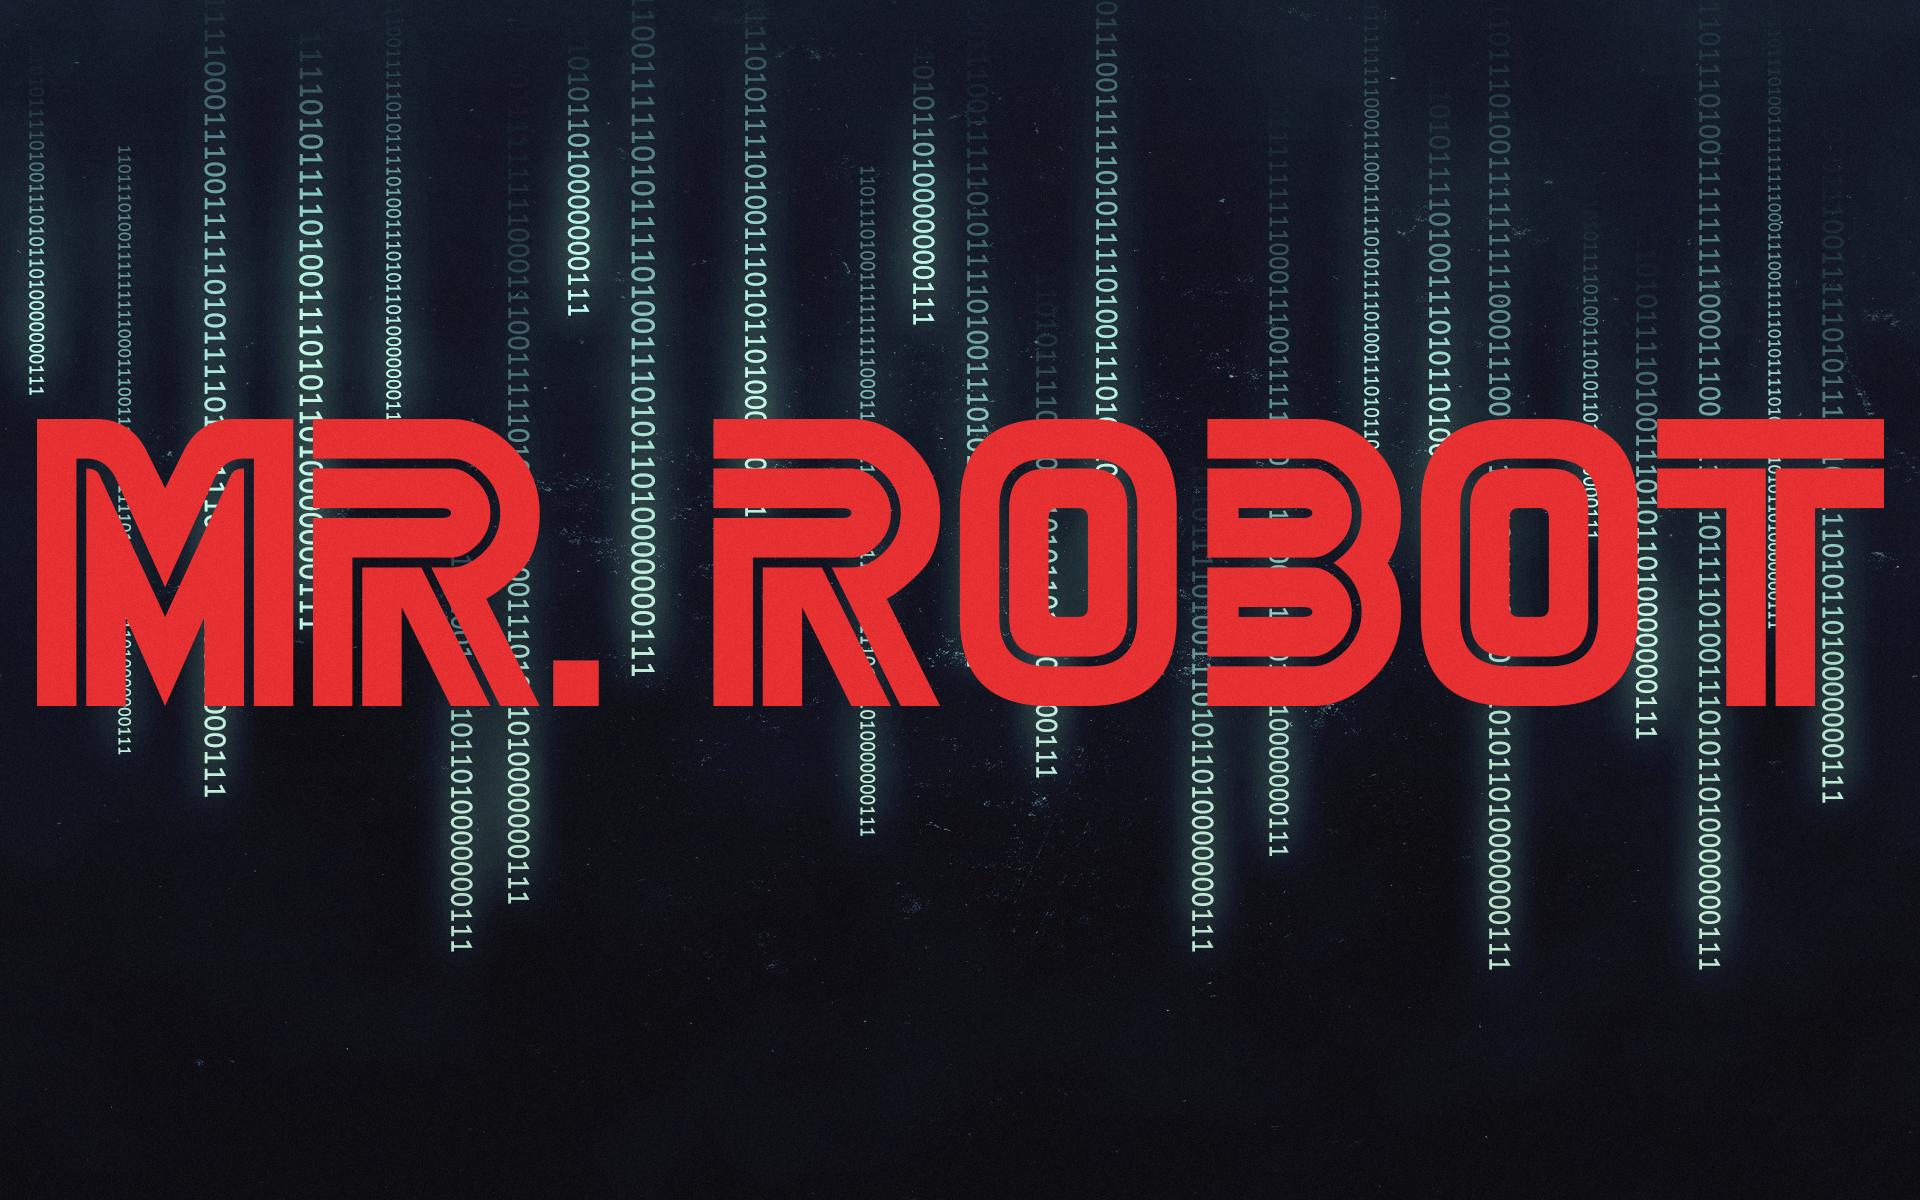 Mr. Robot wallpapers HD - Taringa!